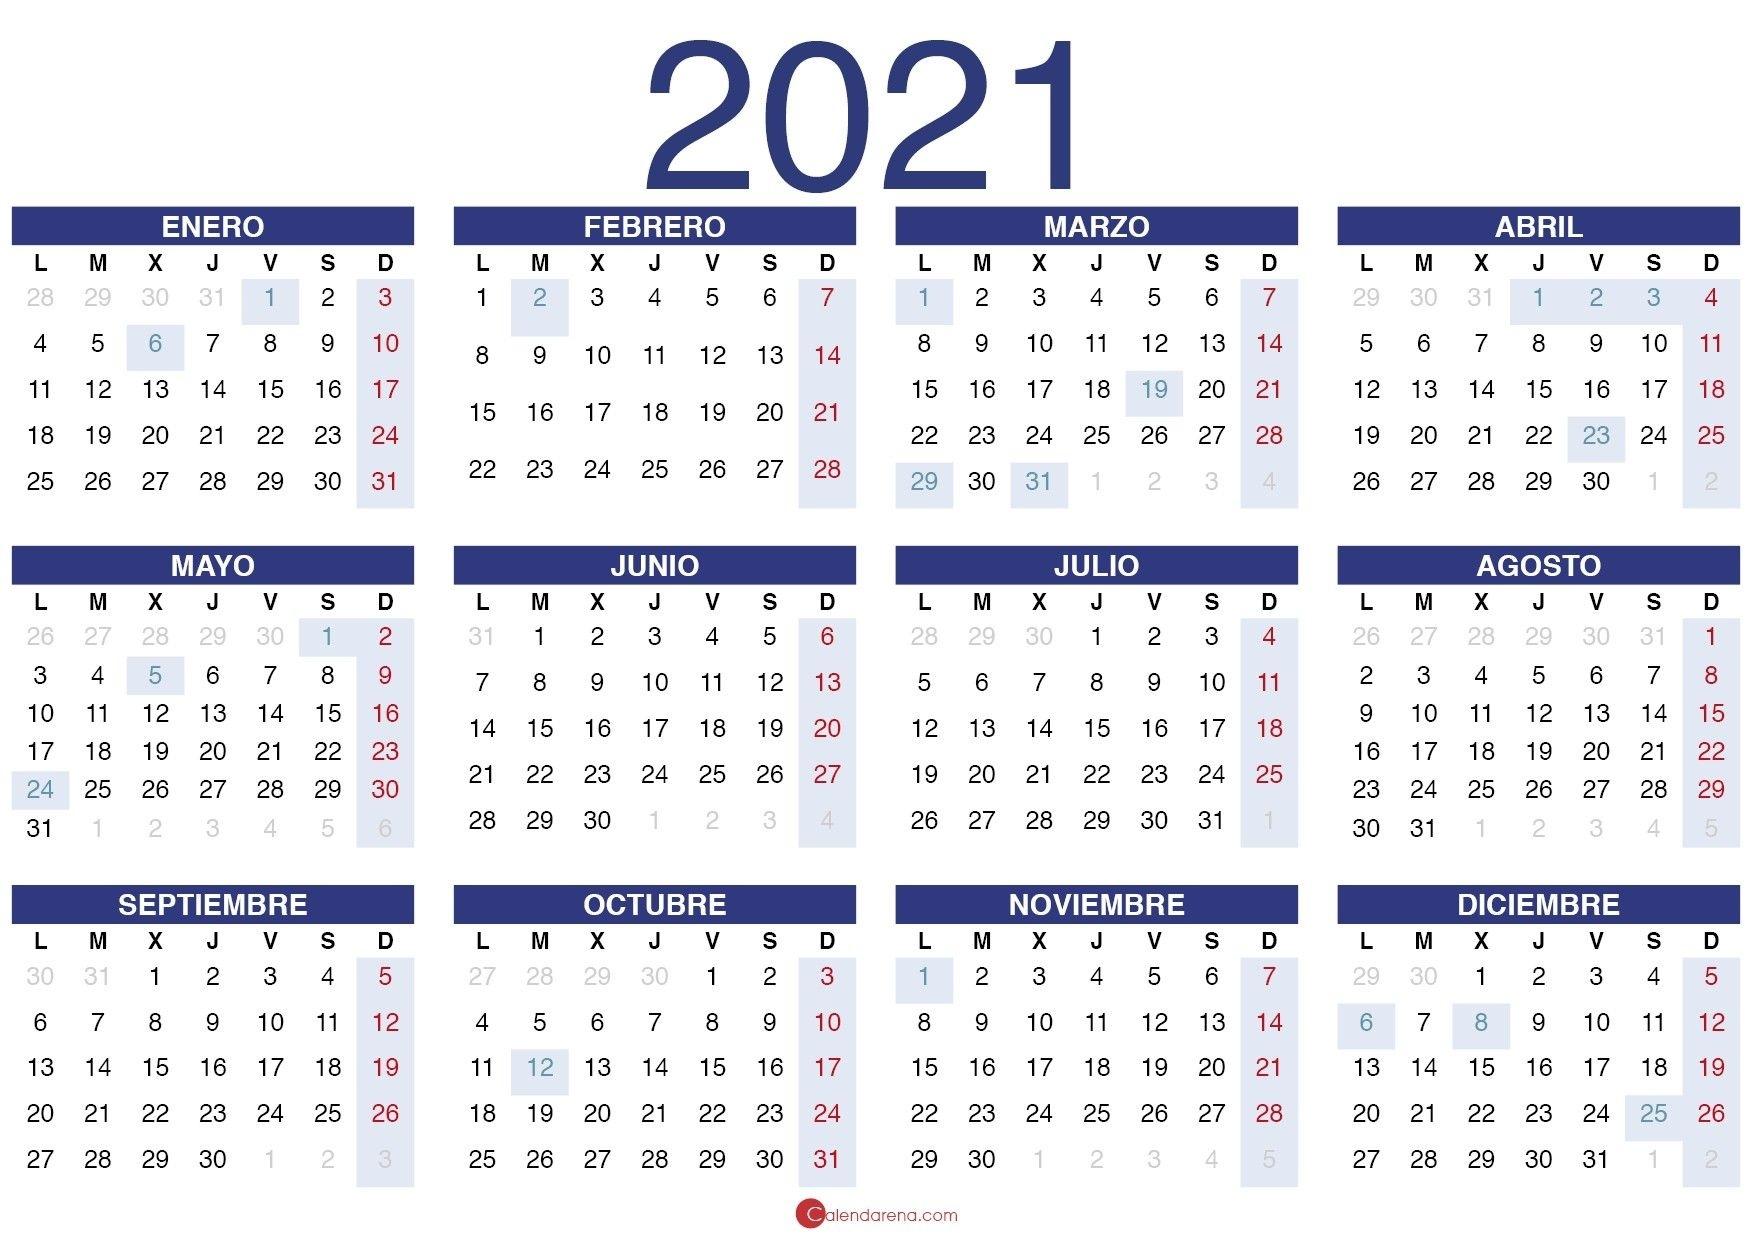 Calendario 2021 Pdf   Calendario, Calendario De Pared Calendario Juliano 2021